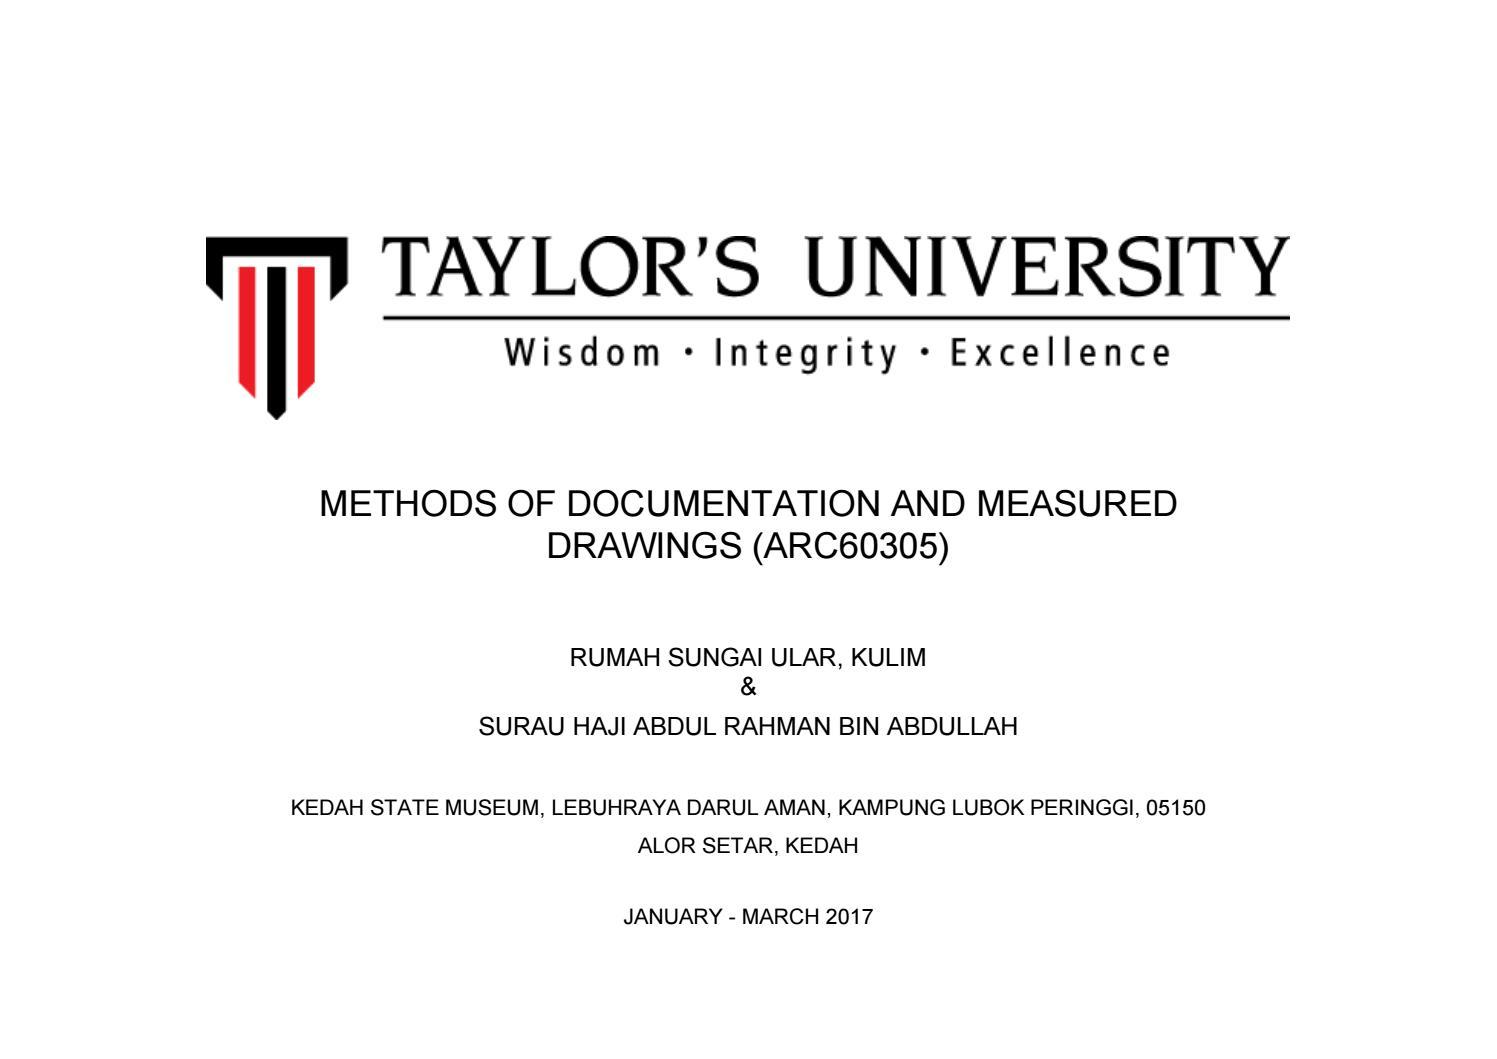 Kedah Report By Jiyann Ng Issuu Cat Emas Pinang Padi